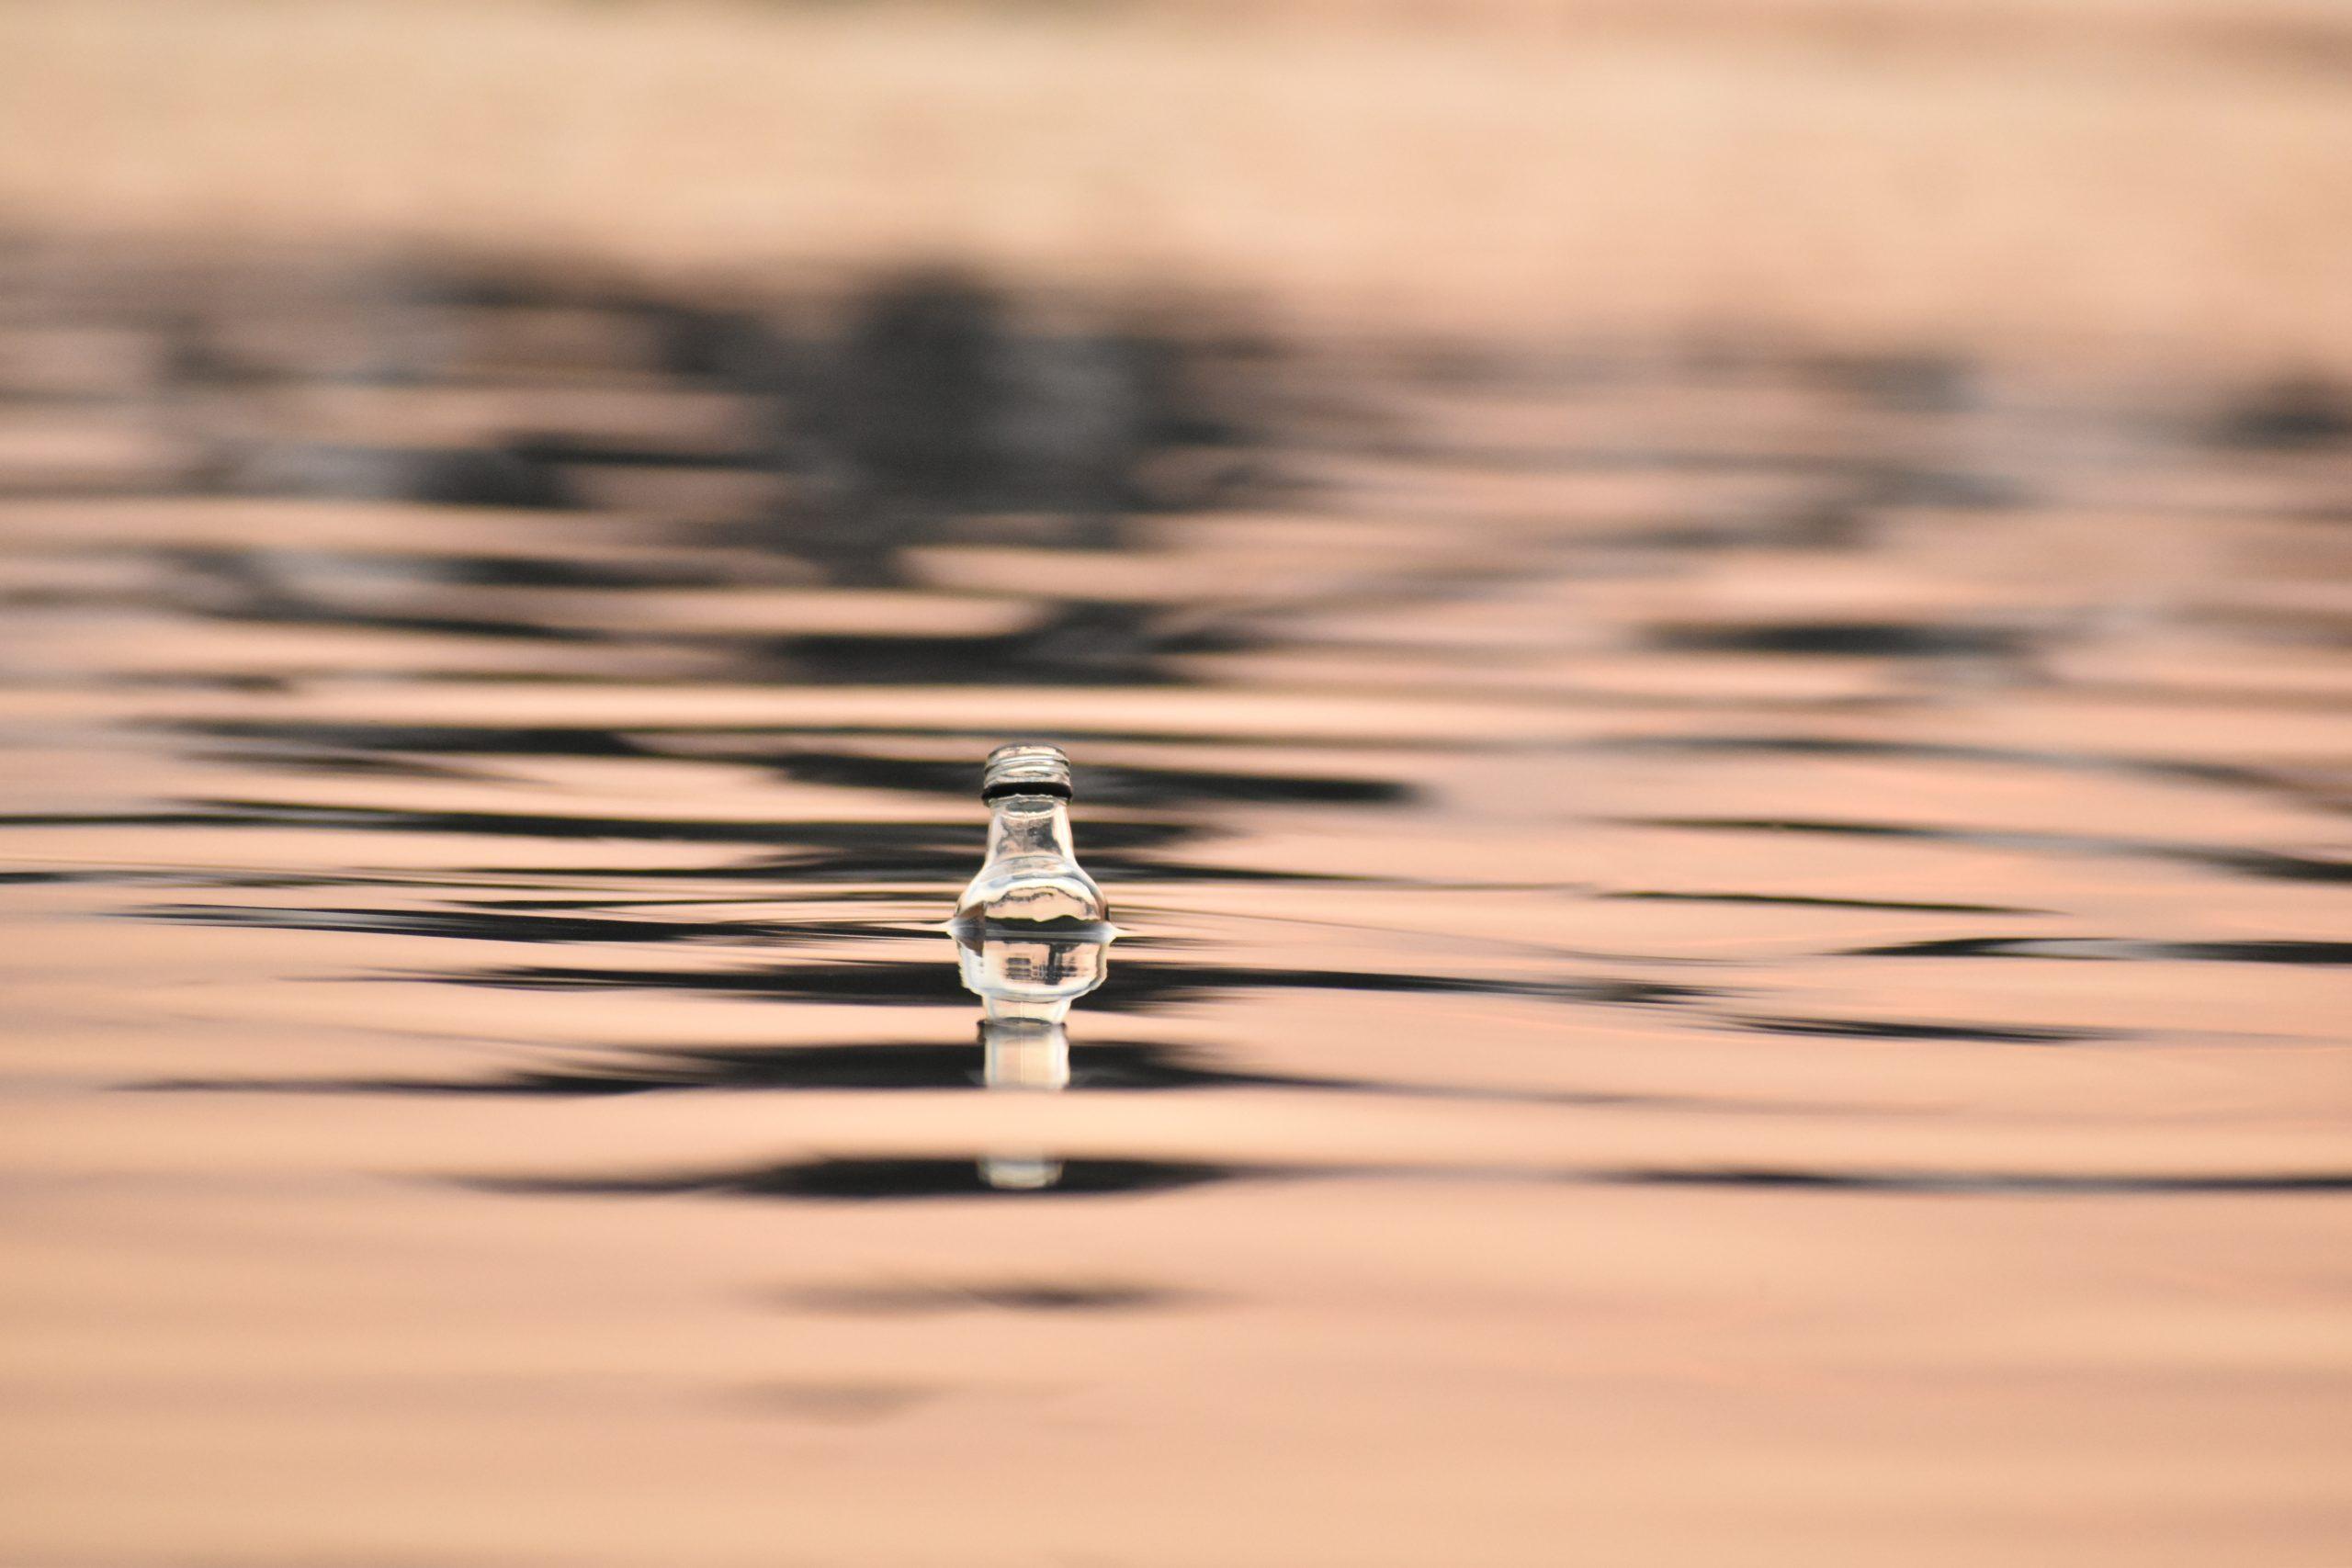 A bottle in water